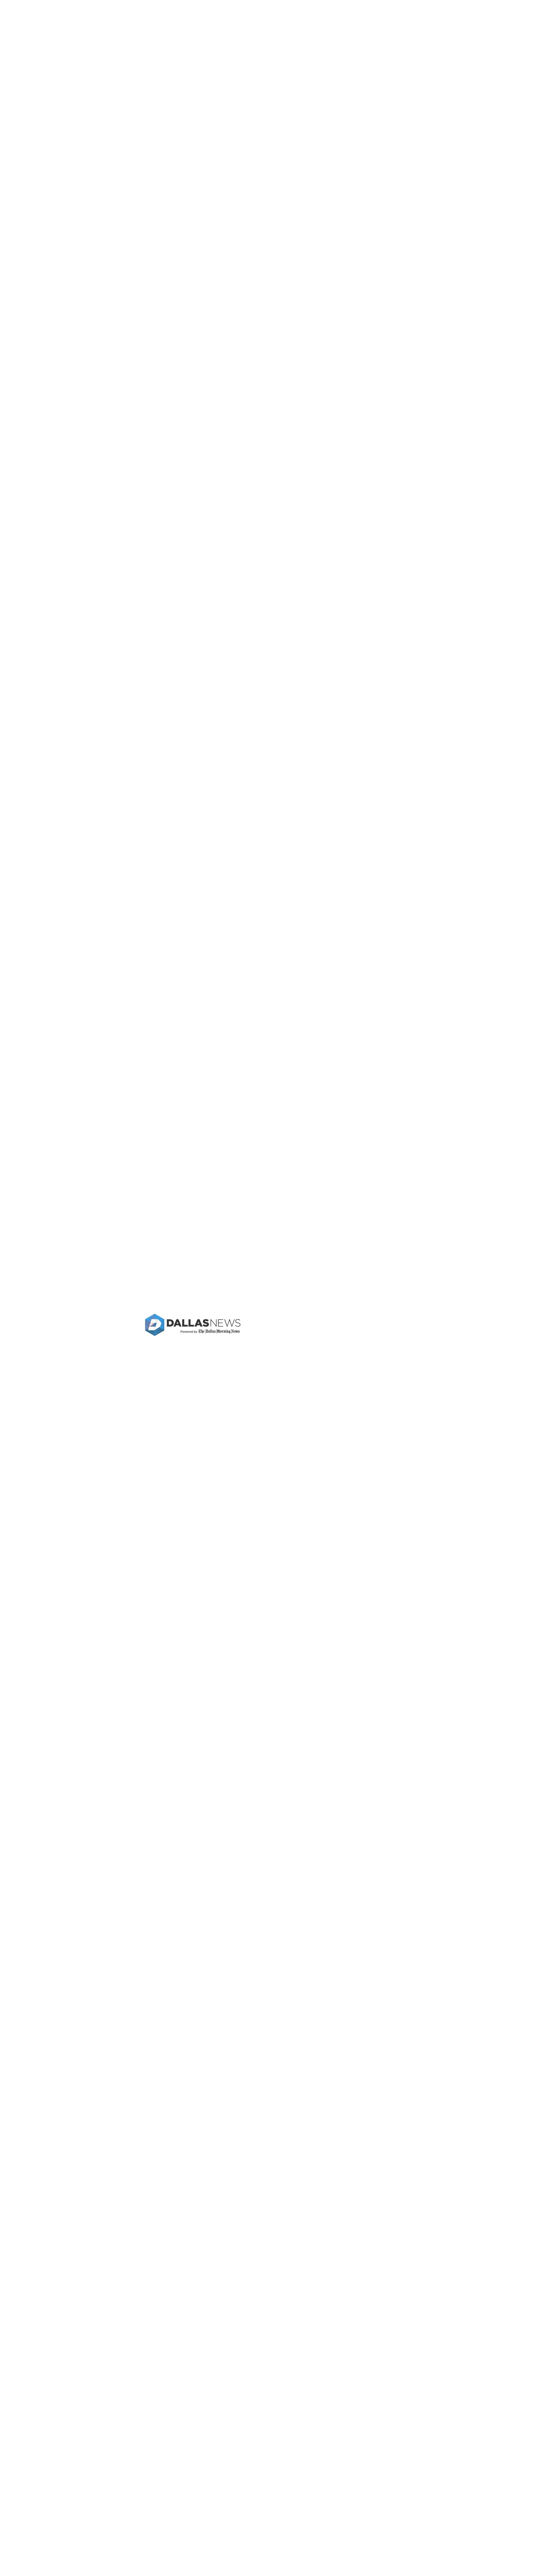 dallasnews.com at Monday March 12, 2018, 2:04 p.m. UTC